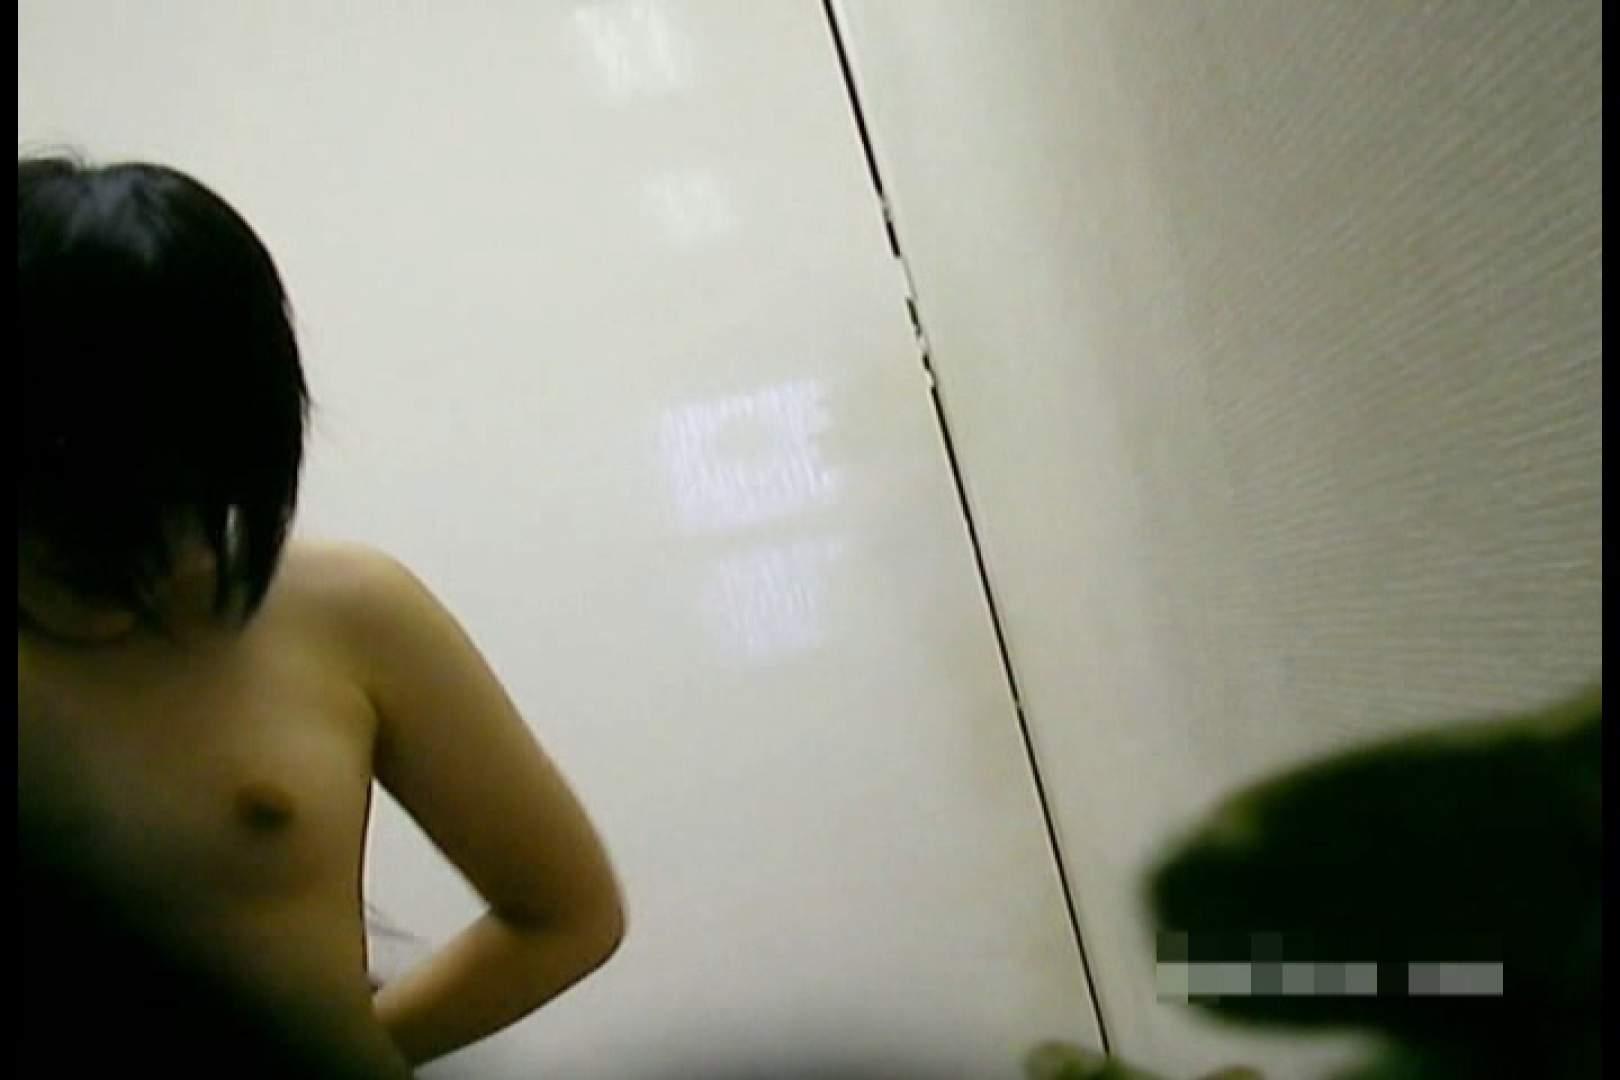 素人撮影 下着だけの撮影のはずが・・・みゆき18歳 丸見え 盗み撮り動画 84pic 23